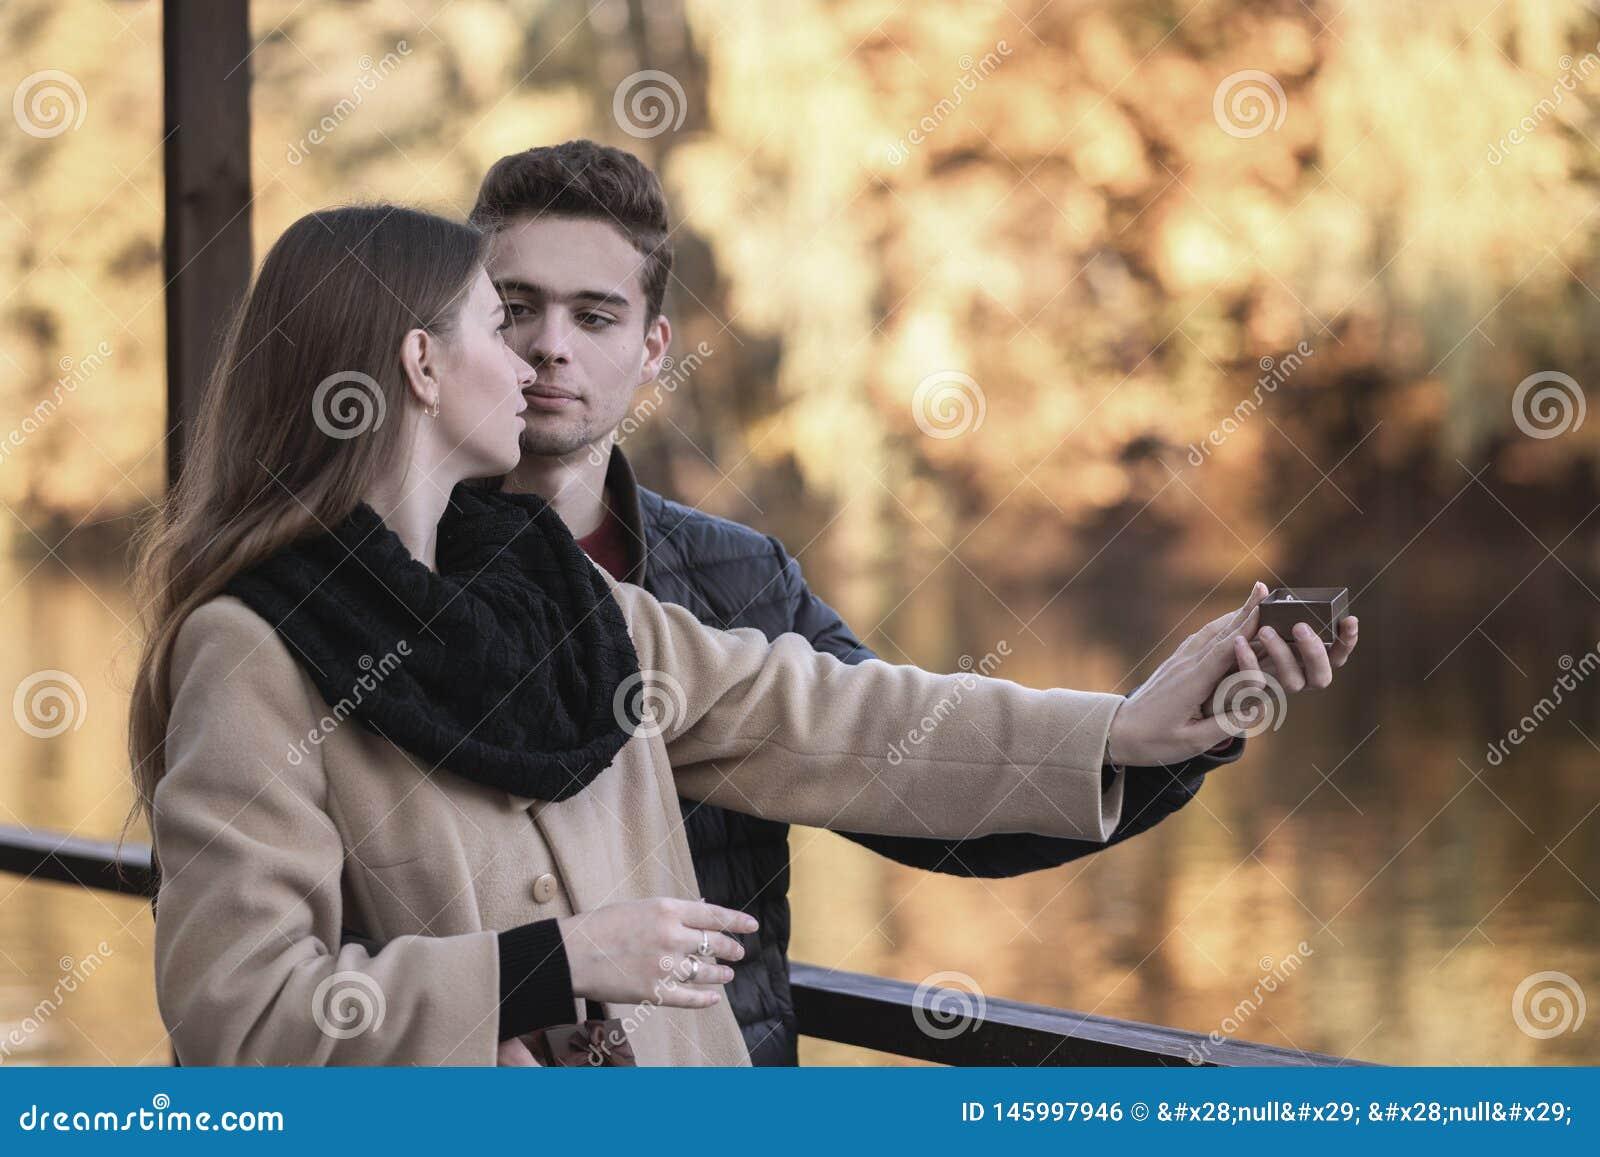 Парень делает предложение к девушке Молодая любящая пара стоит в парке осени с желтыми деревьями Человек